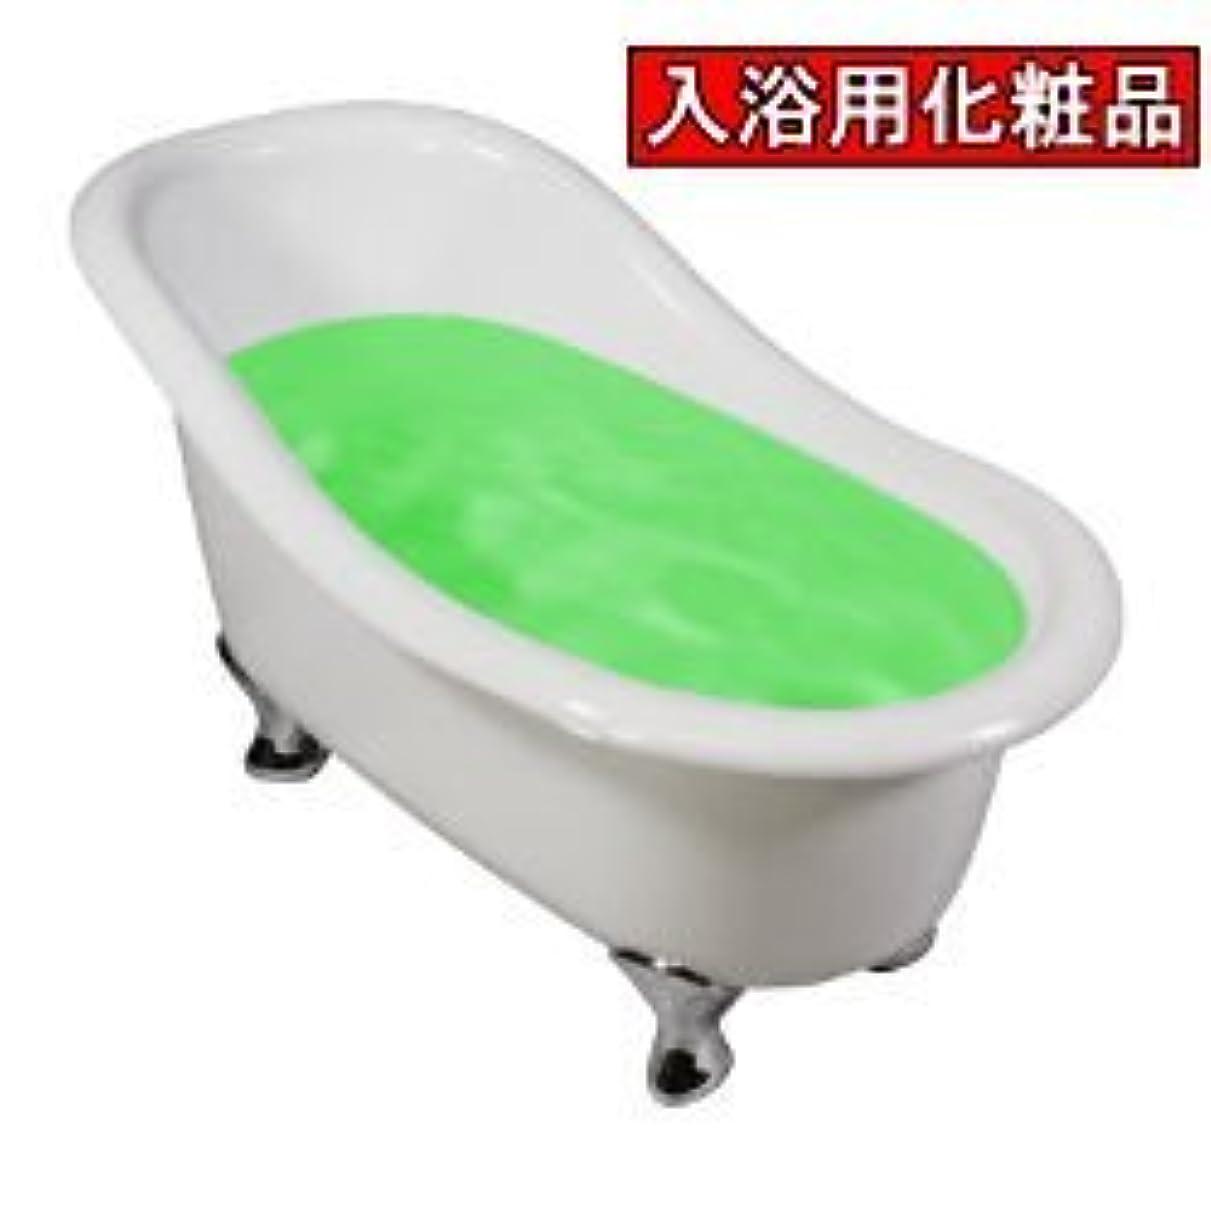 定常参加者分割業務用入浴剤イヴタス ヒアルロン酸 17kg 業務用サイズ